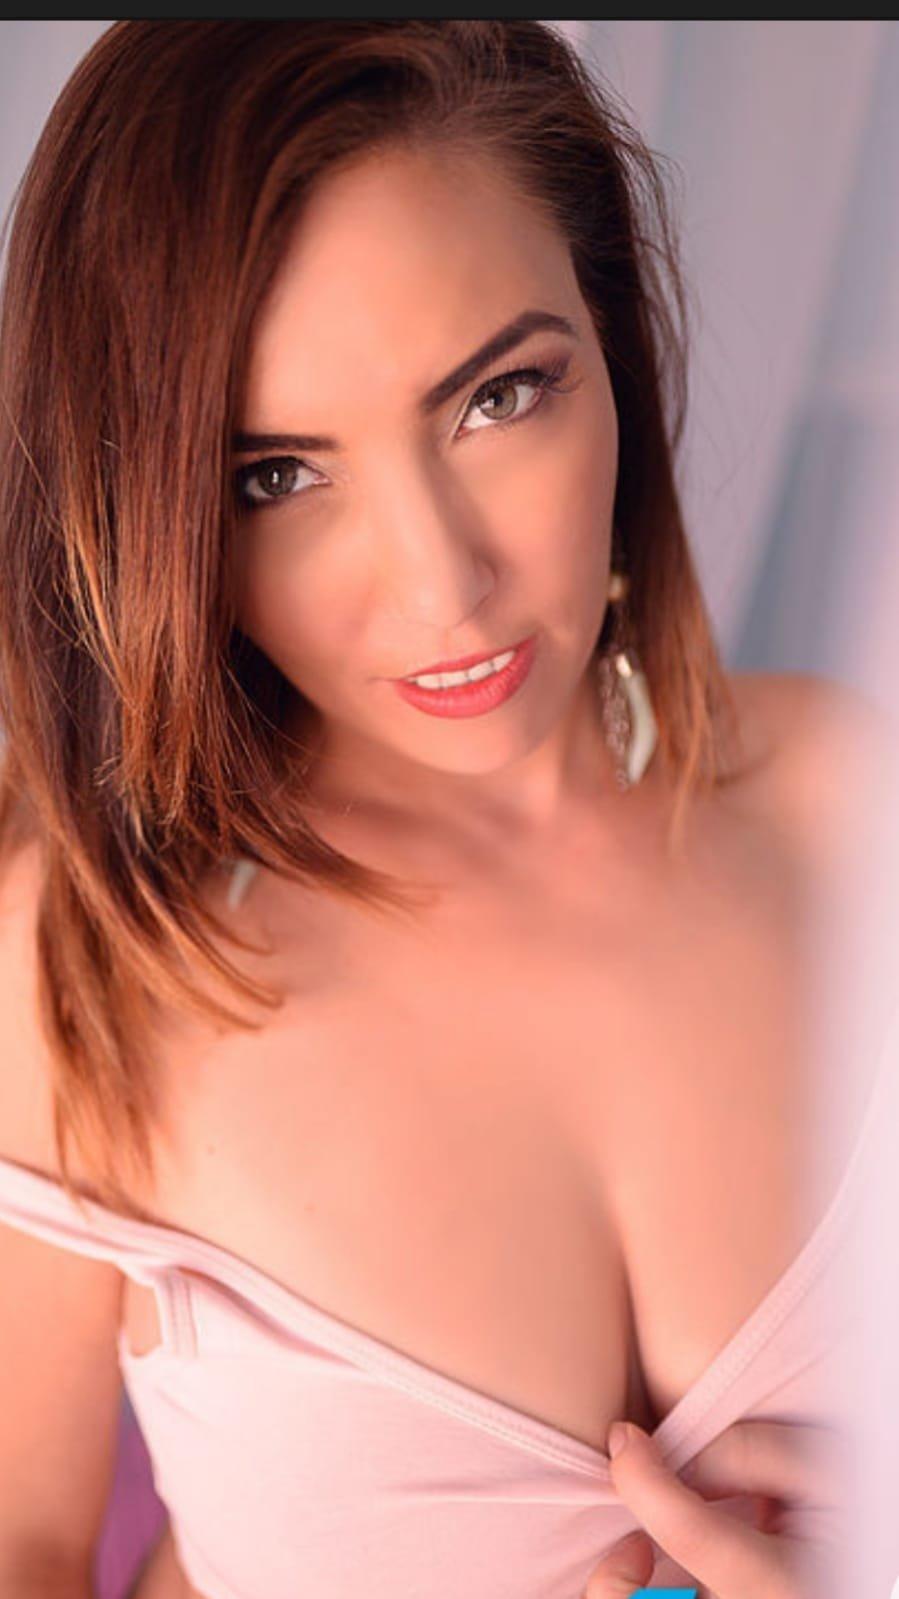 @Mariana38140203